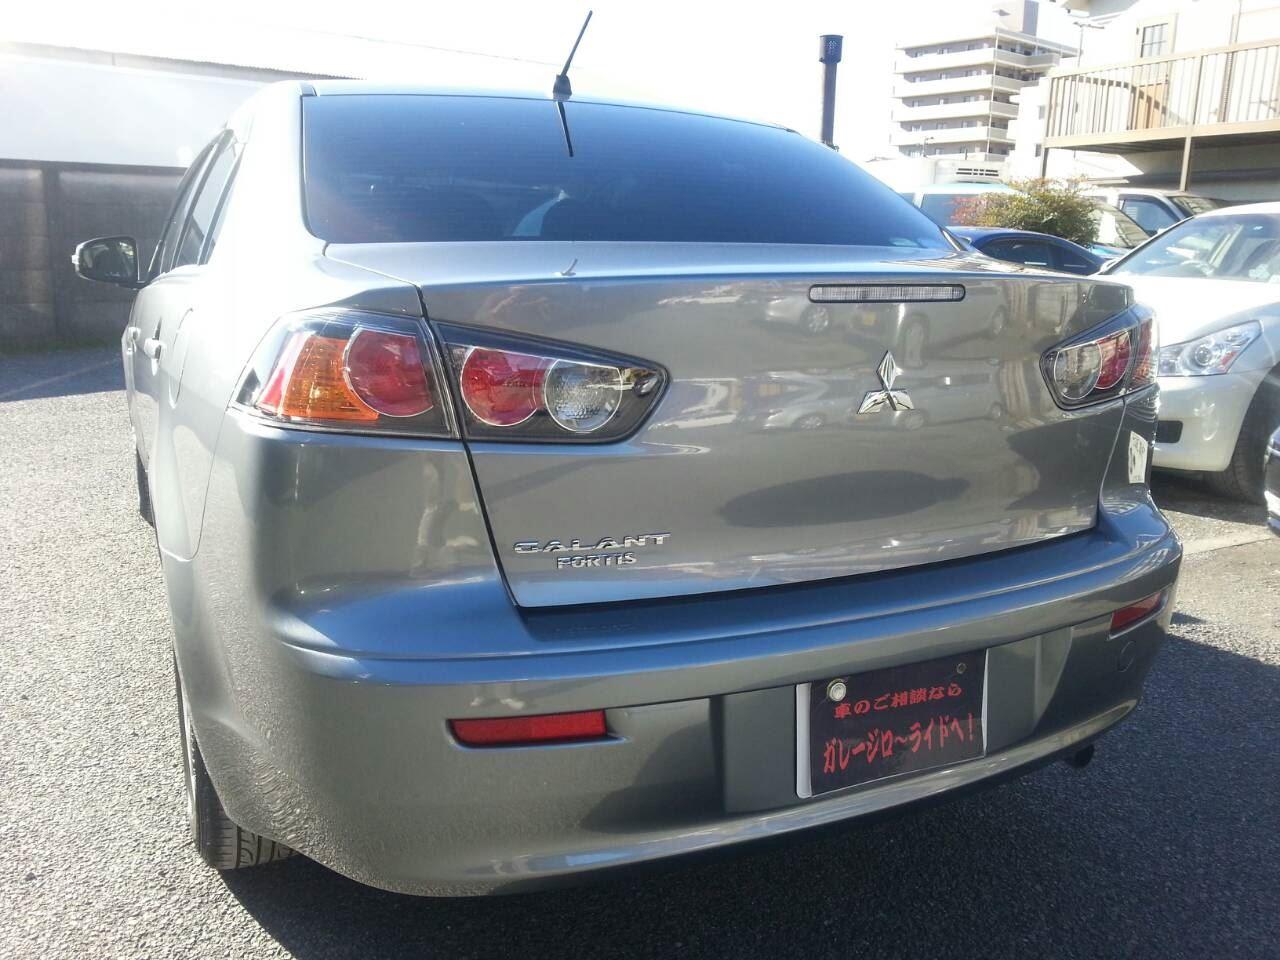 東京都立川市の車の板金塗装修理工場 ガレージローライドの三菱 ギャラン の新車のガラスコーティングです。